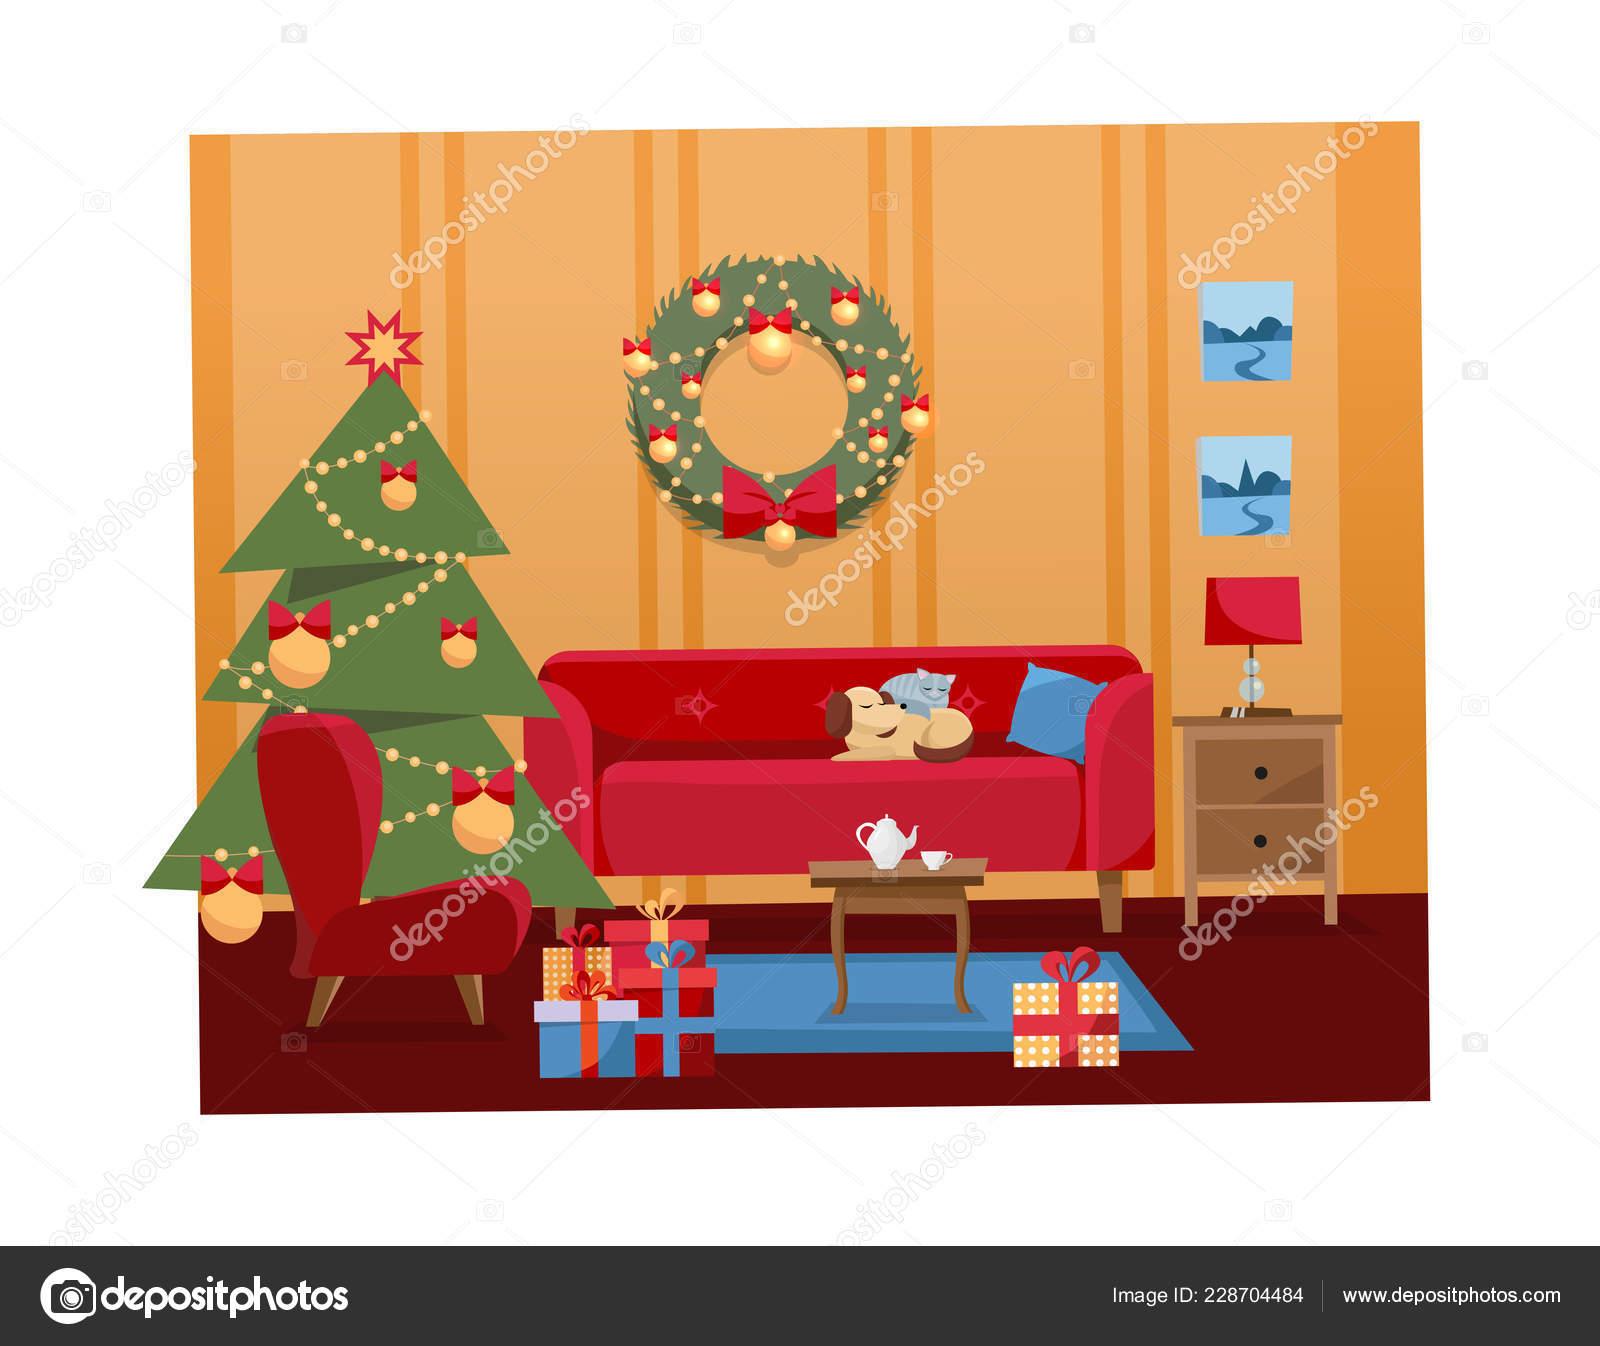 Illustration vectorielle plate dessin animé noël intérieure de salon décoré pour les fêtes intérieur de la maison chaleureuse cosy avec meubles canapé